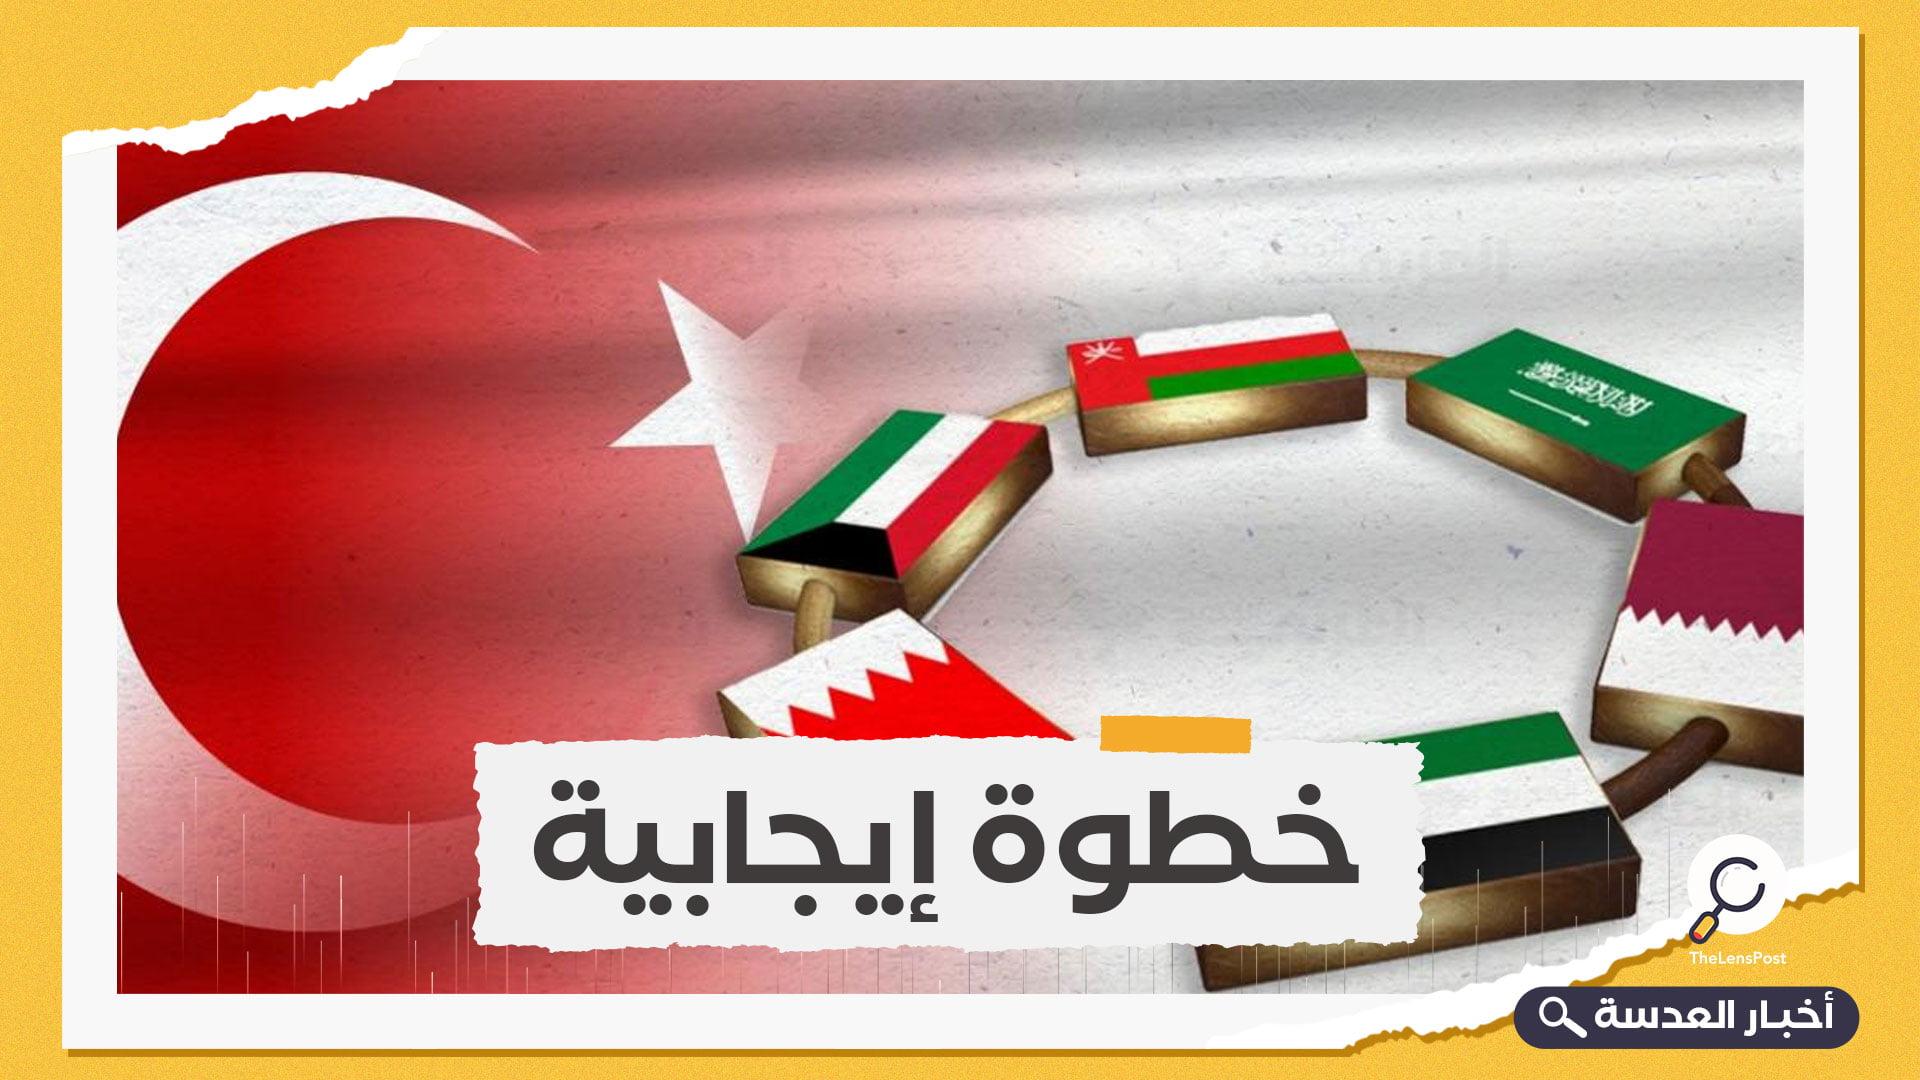 ستؤثر إيجابًا على المنطقة.. تركيا تشيد بالمصالحة الخليجية